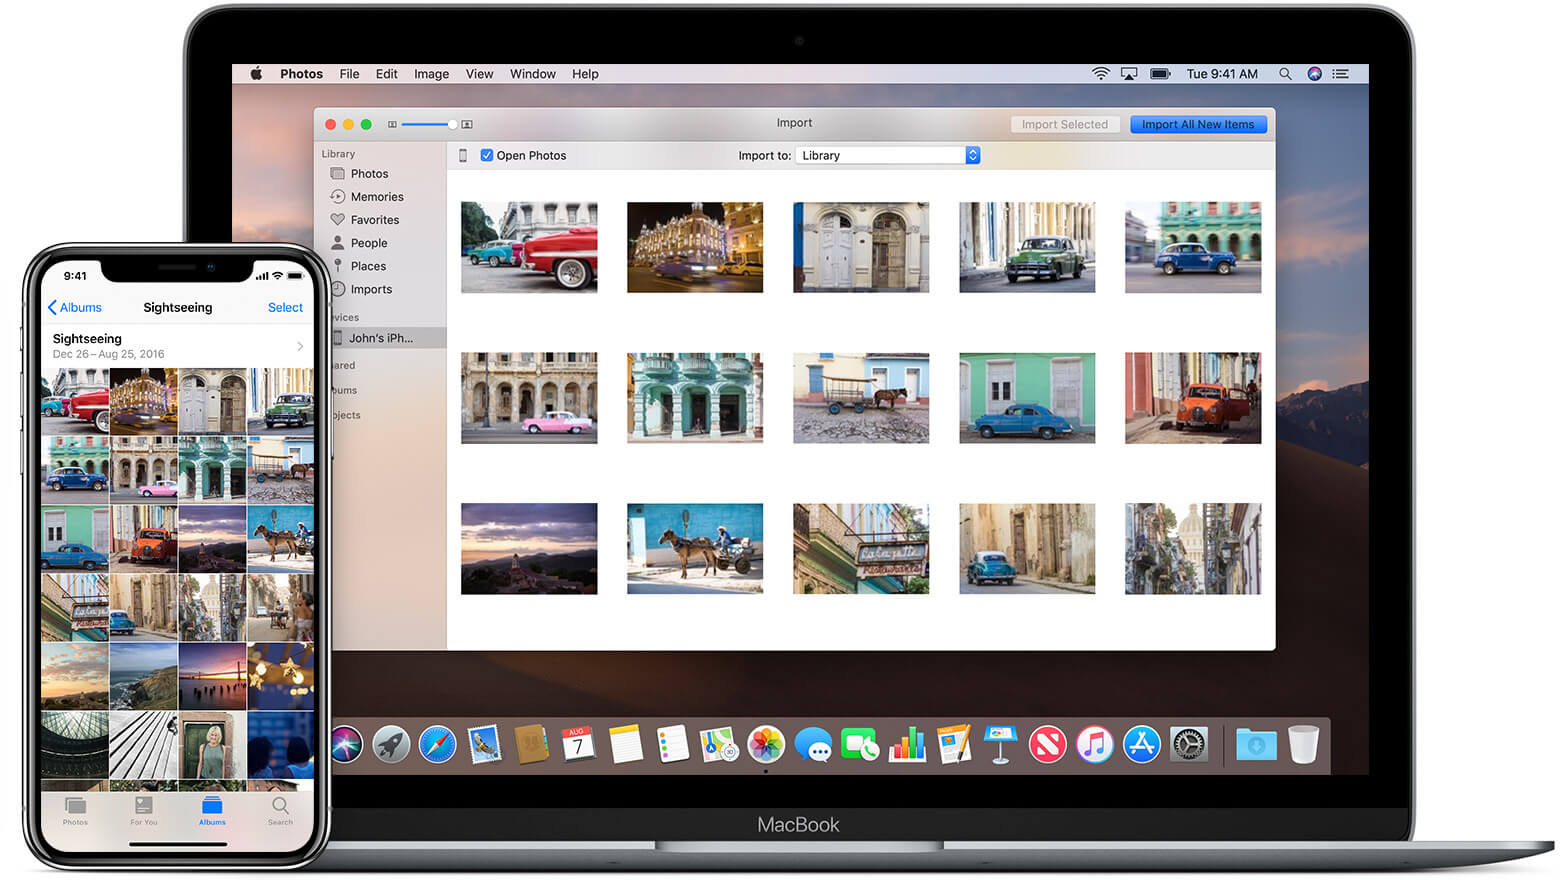 Cómo arreglar fotos no se importarán de iPhone a Mac con eficacia Gadgets de Apple